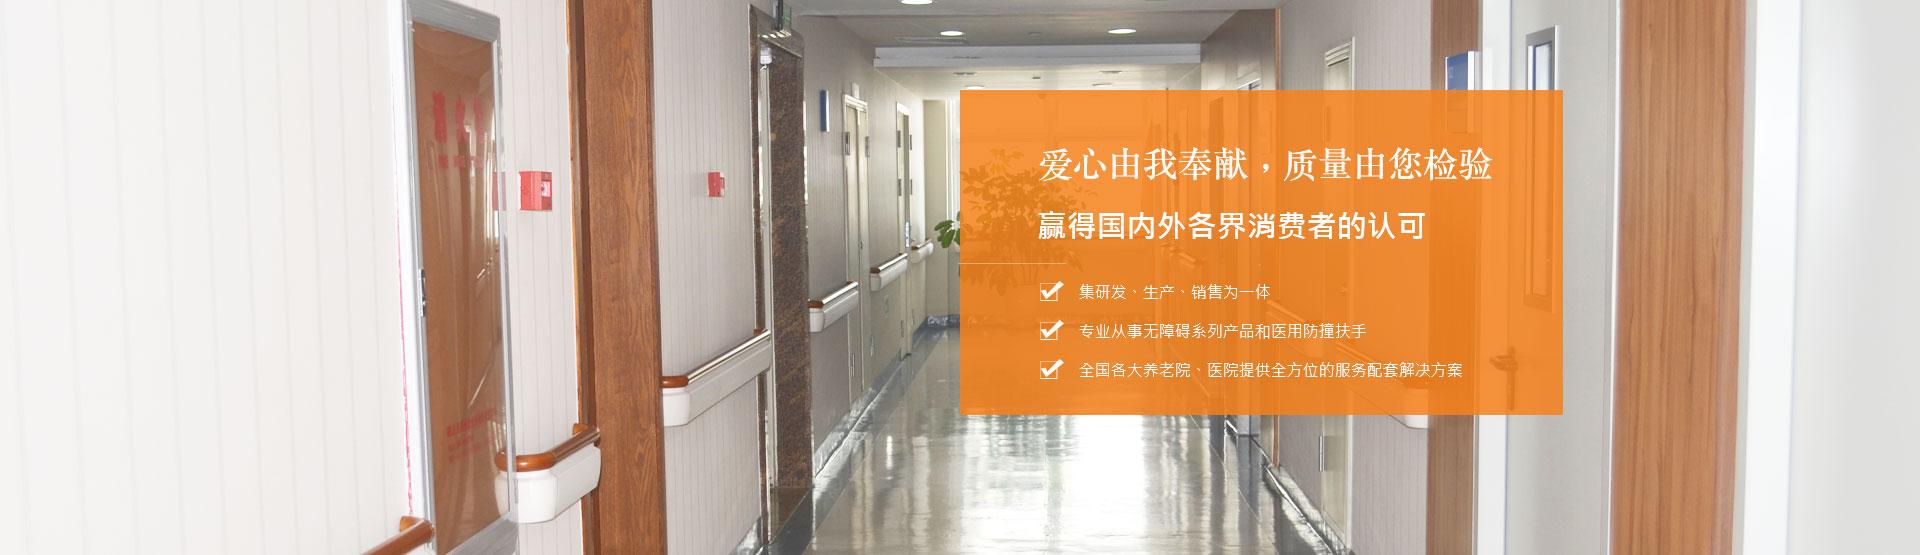 重庆扶手厂